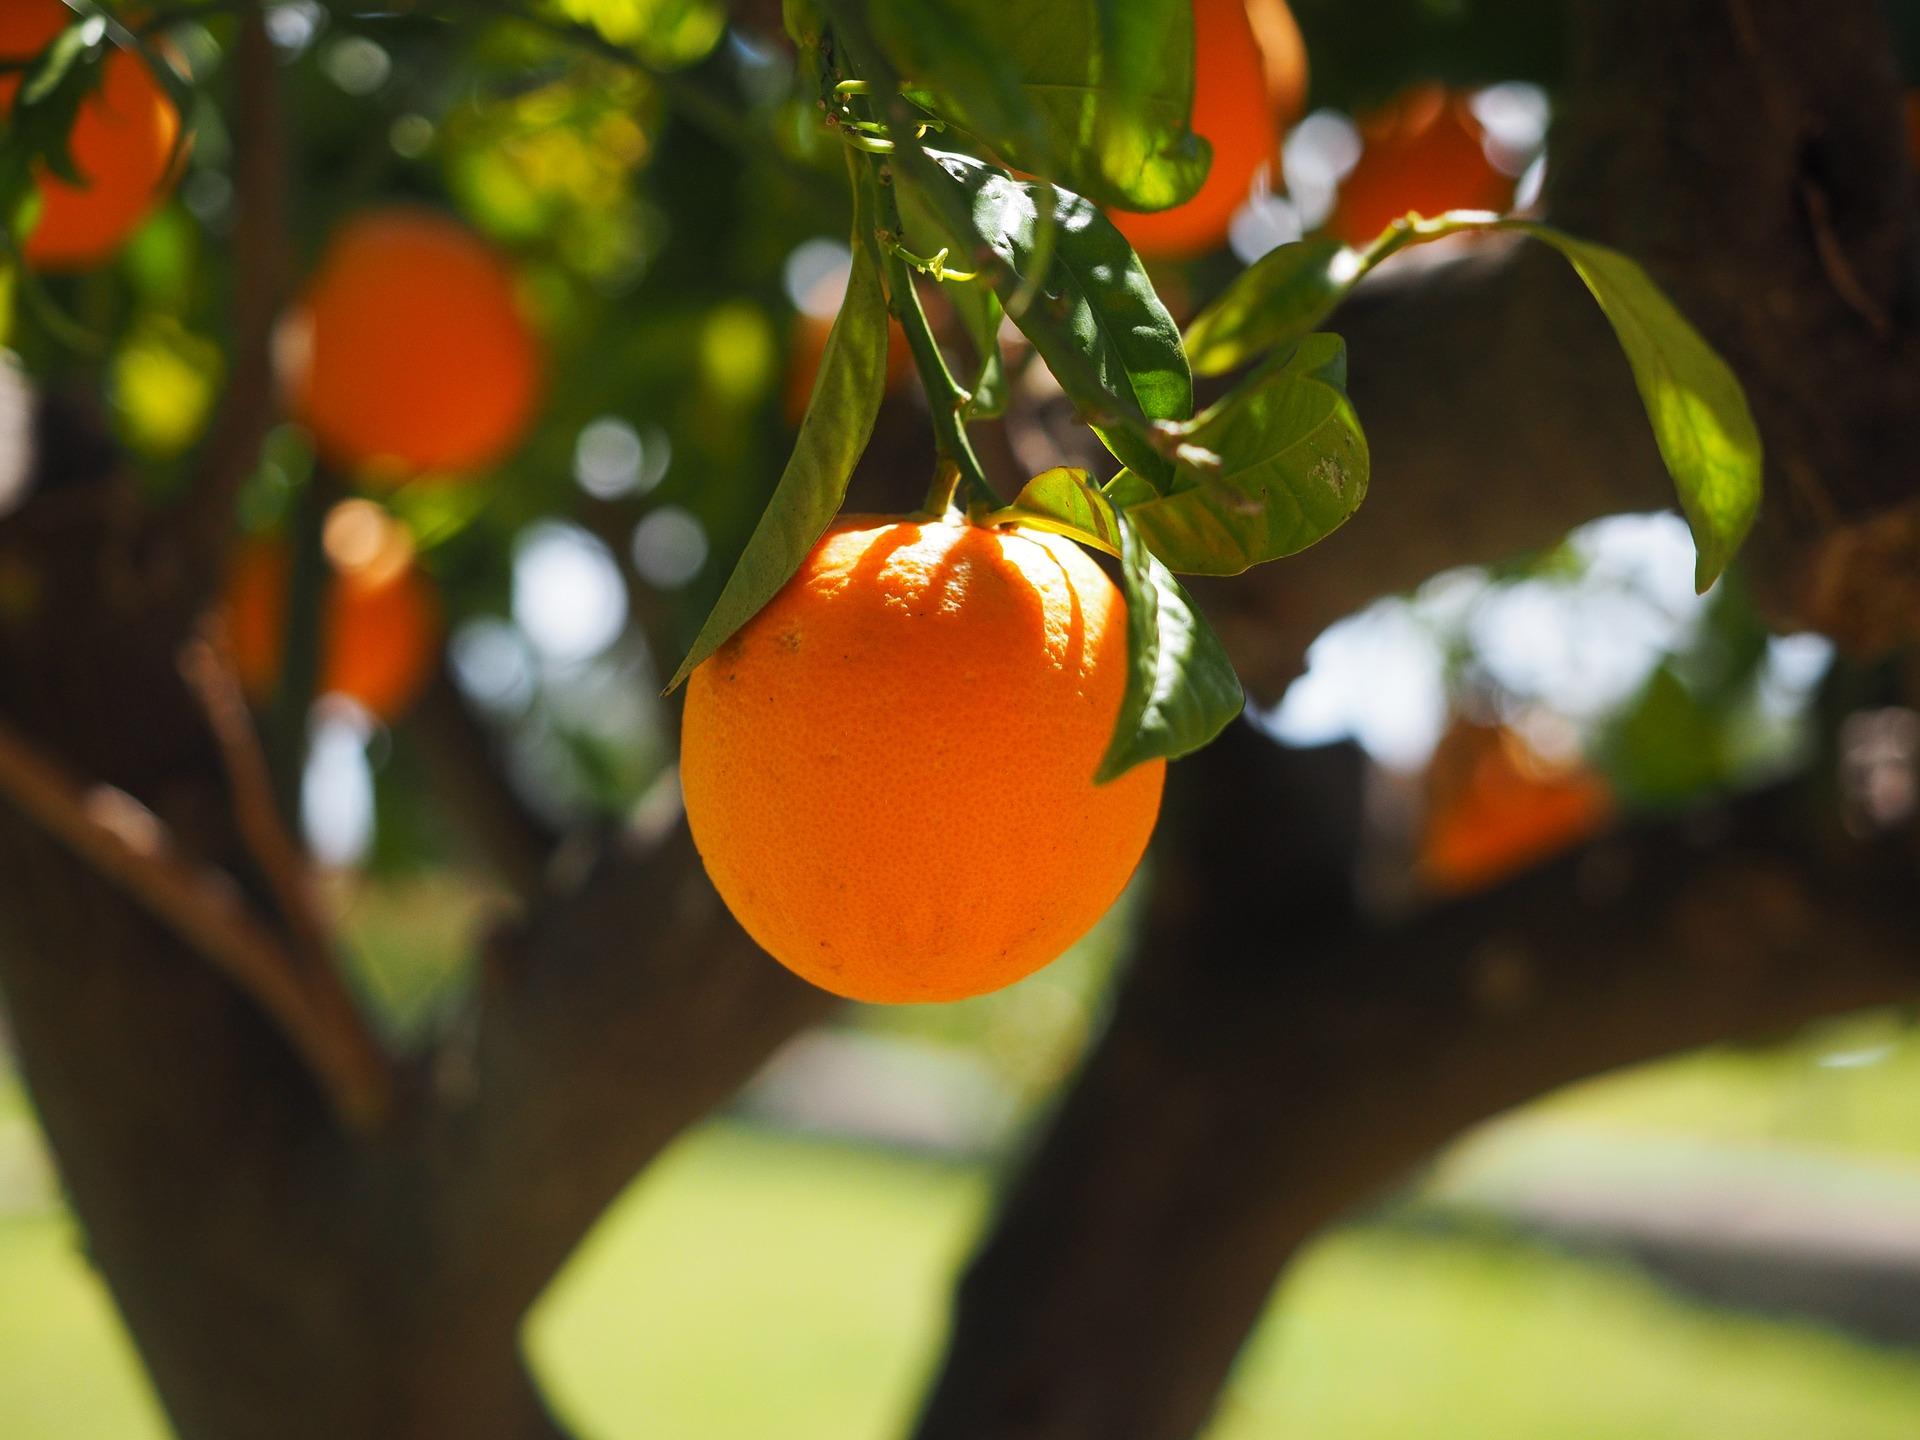 Woensdag 14 oktober - Wandeling: Op zoek naar eetbare en giftige vruchten